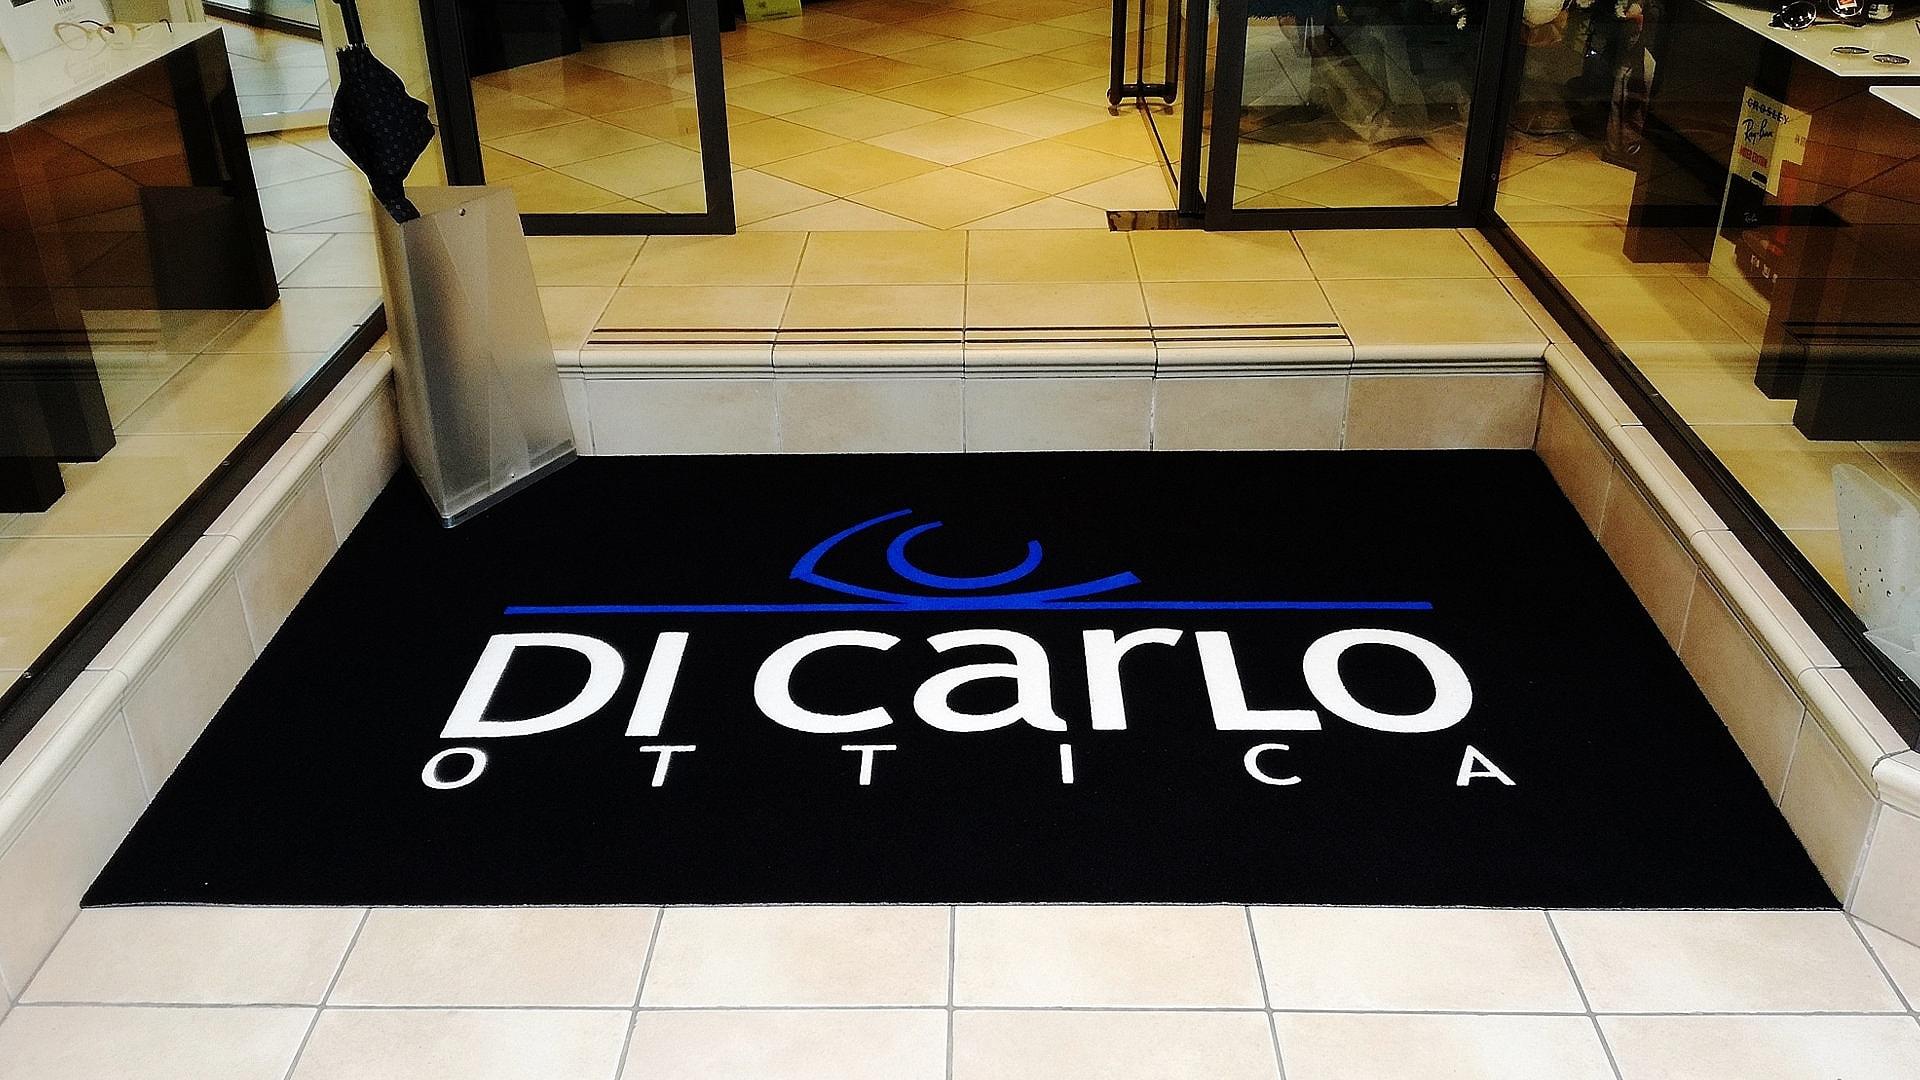 Ingresso di un negozio con un Tappeto intarsiato personalizzato con il logo Di Carlo Ottica di colore nero, blu e bianco